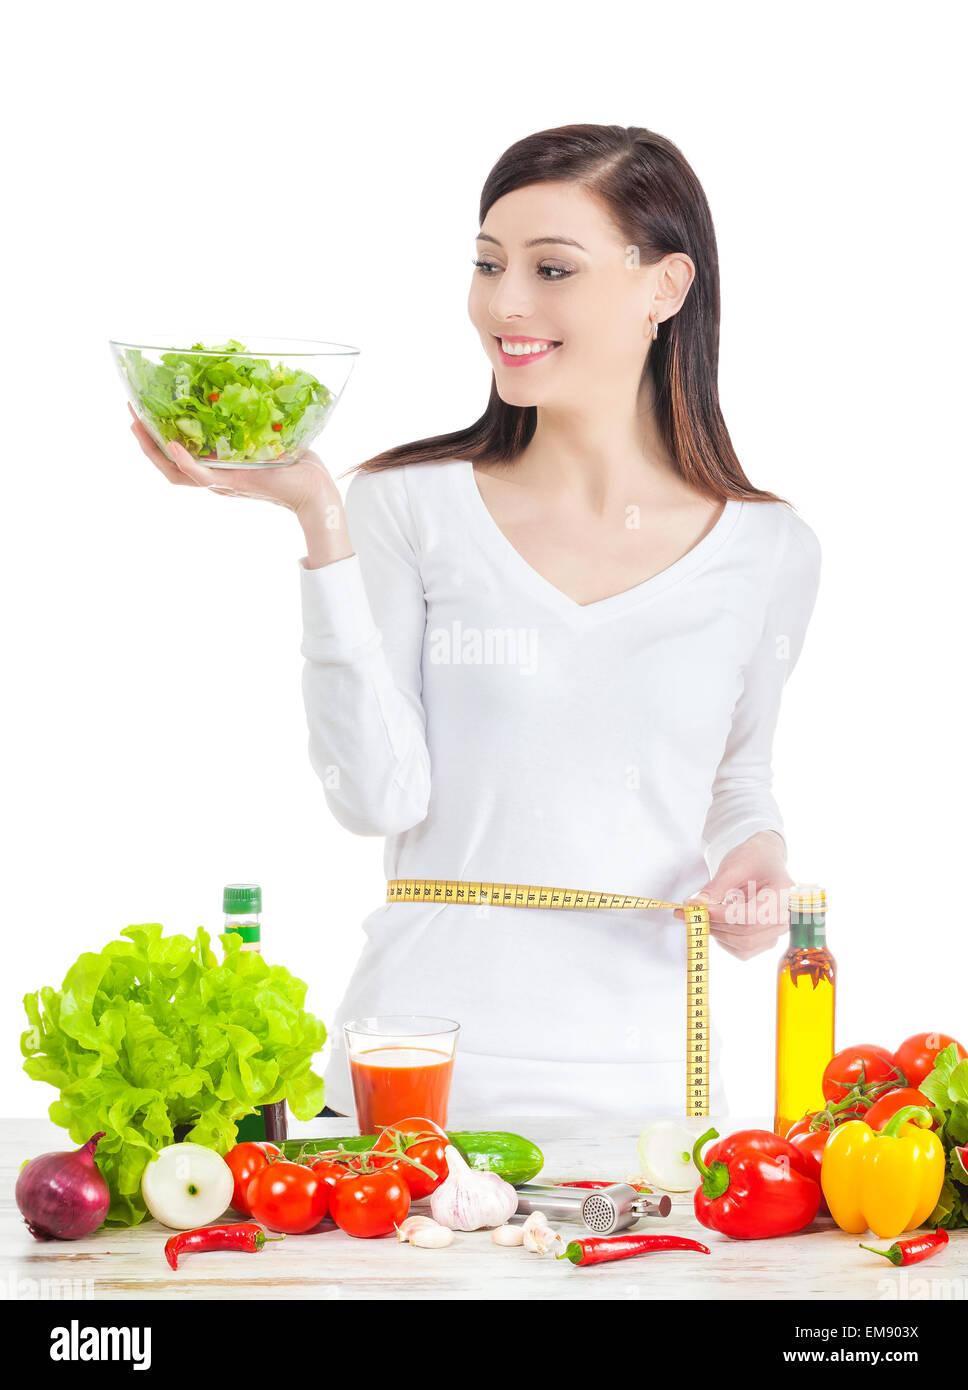 Jeune femme heureuse avec la salade, la mesure de sa taille. Une nourriture saine et concept de vie. Photo Stock